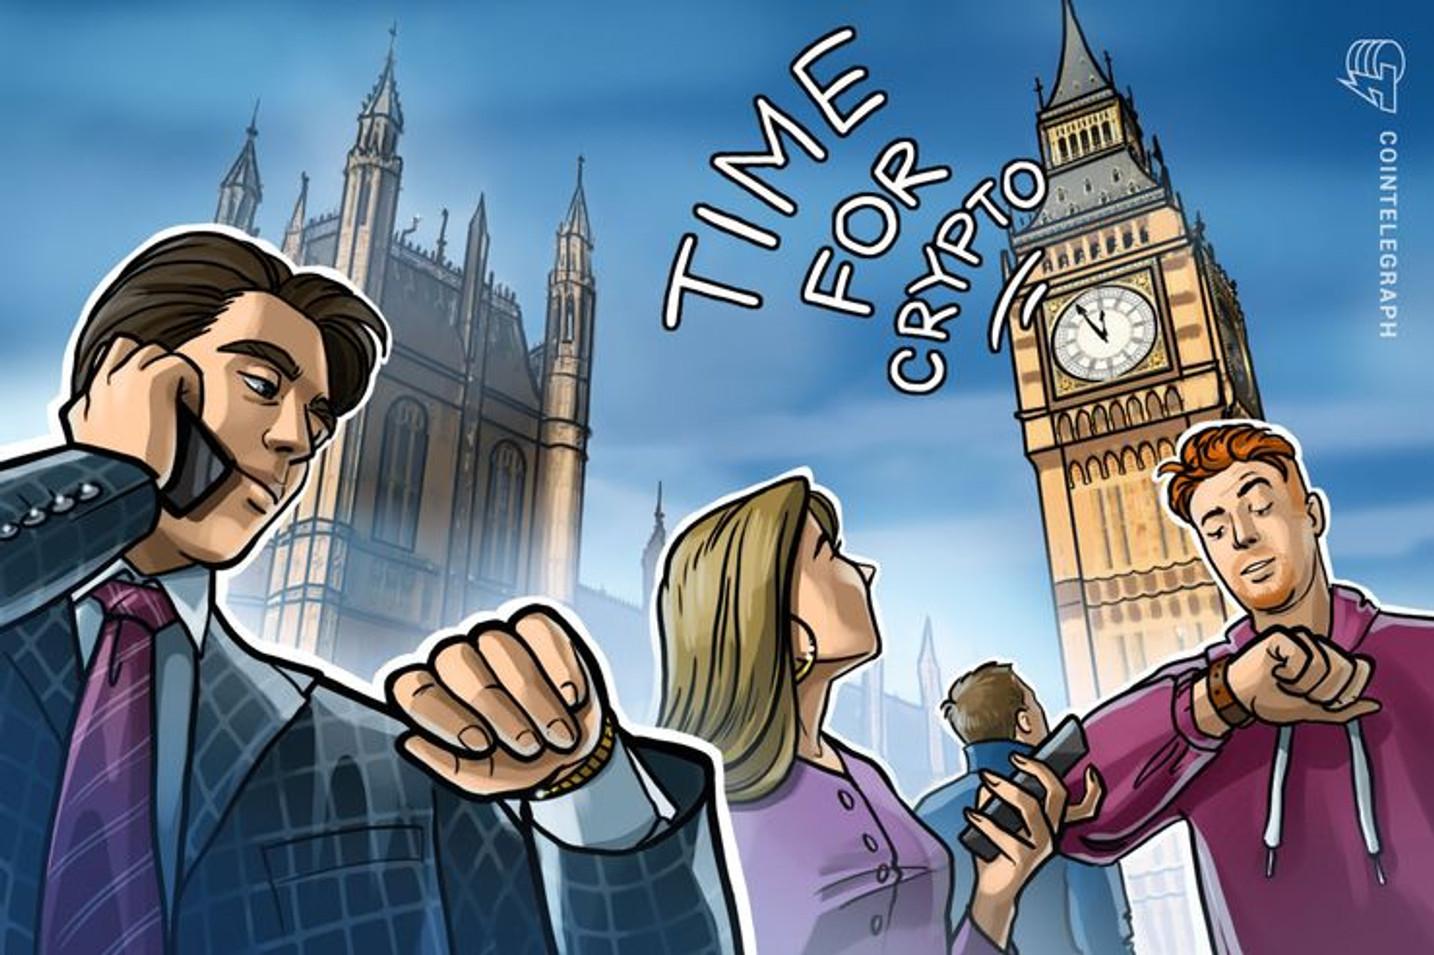 英国人300万人が仮想通貨に投資、プロから助言を受けたのは僅か5%